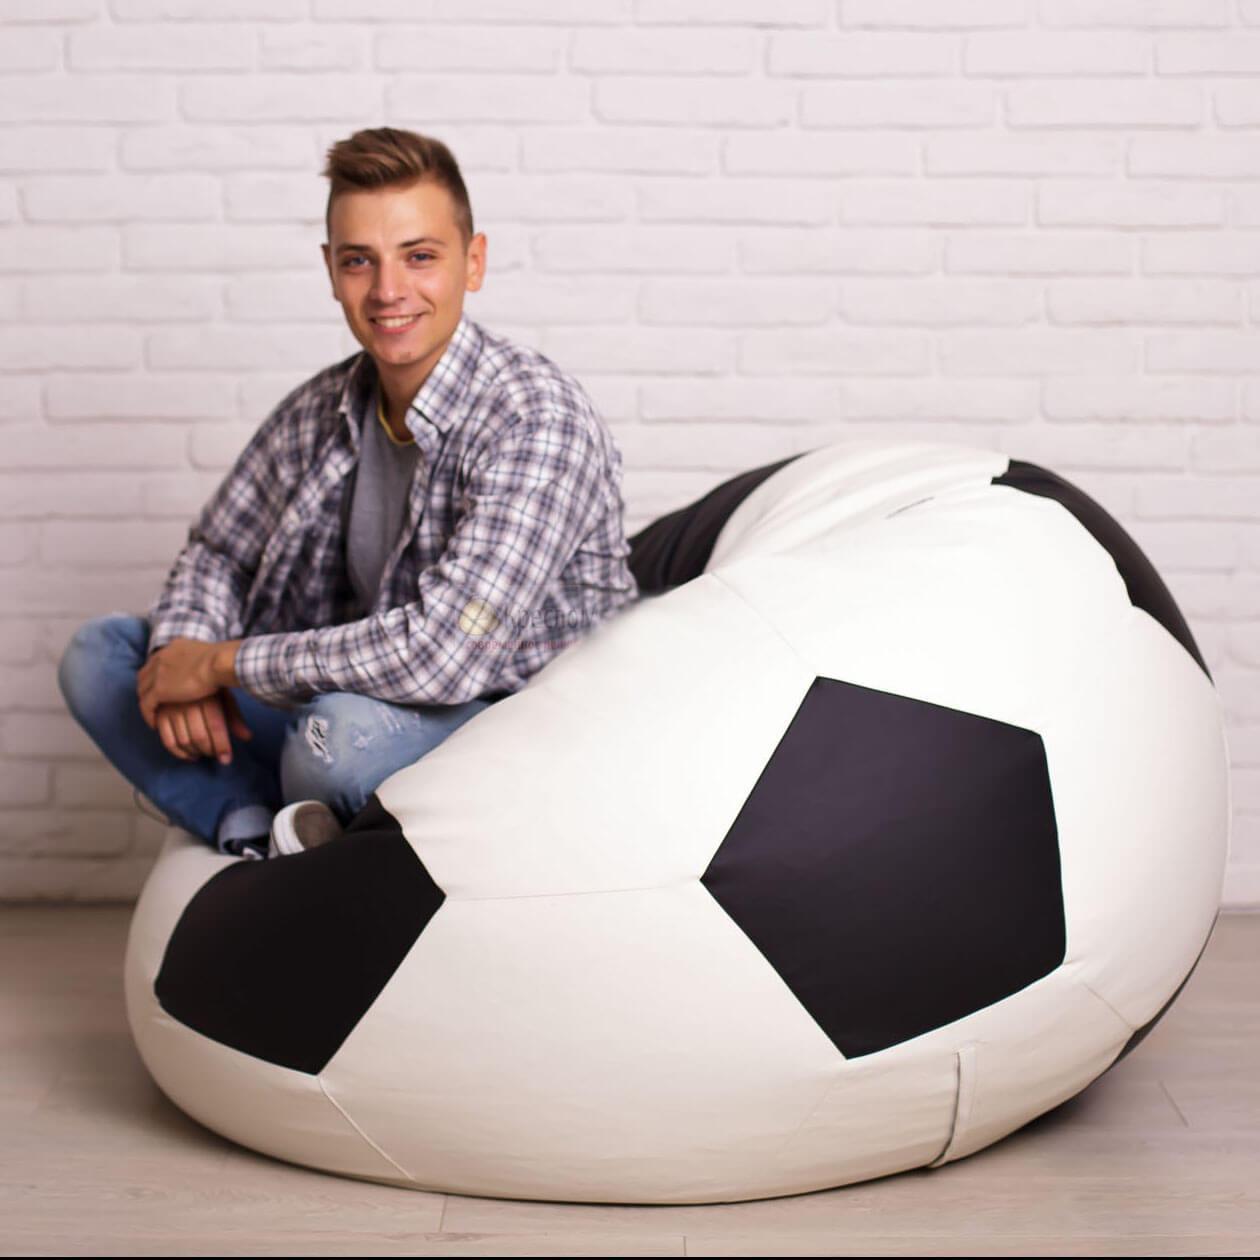 Кресло-мяч KatyPuf белое с черным Оксфорд, Размер 100см